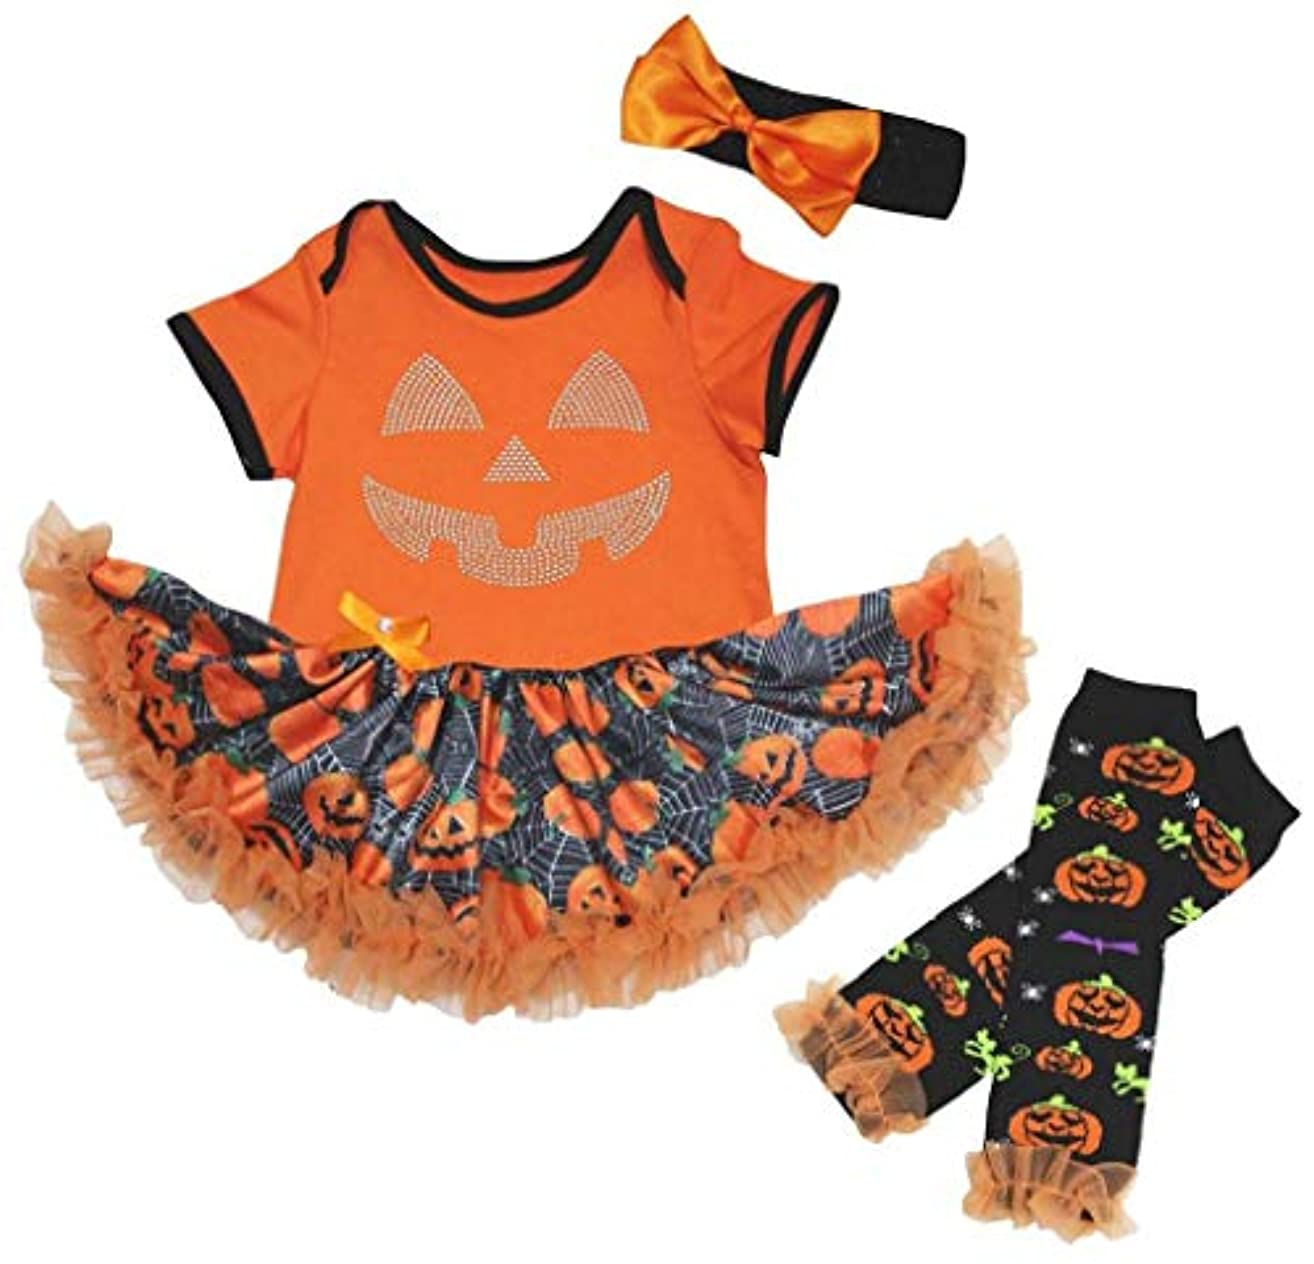 人口残るであること[キッズコーナー] ハロウィン カボチャの顔 オレンジ パンプキン カボチャ ボディスーツ、子供のチュチュ、ベビー服、女の子のワンピースドレス レッグウォーマー セット Nb-18m (オレンジ, Small) [並行輸入品]